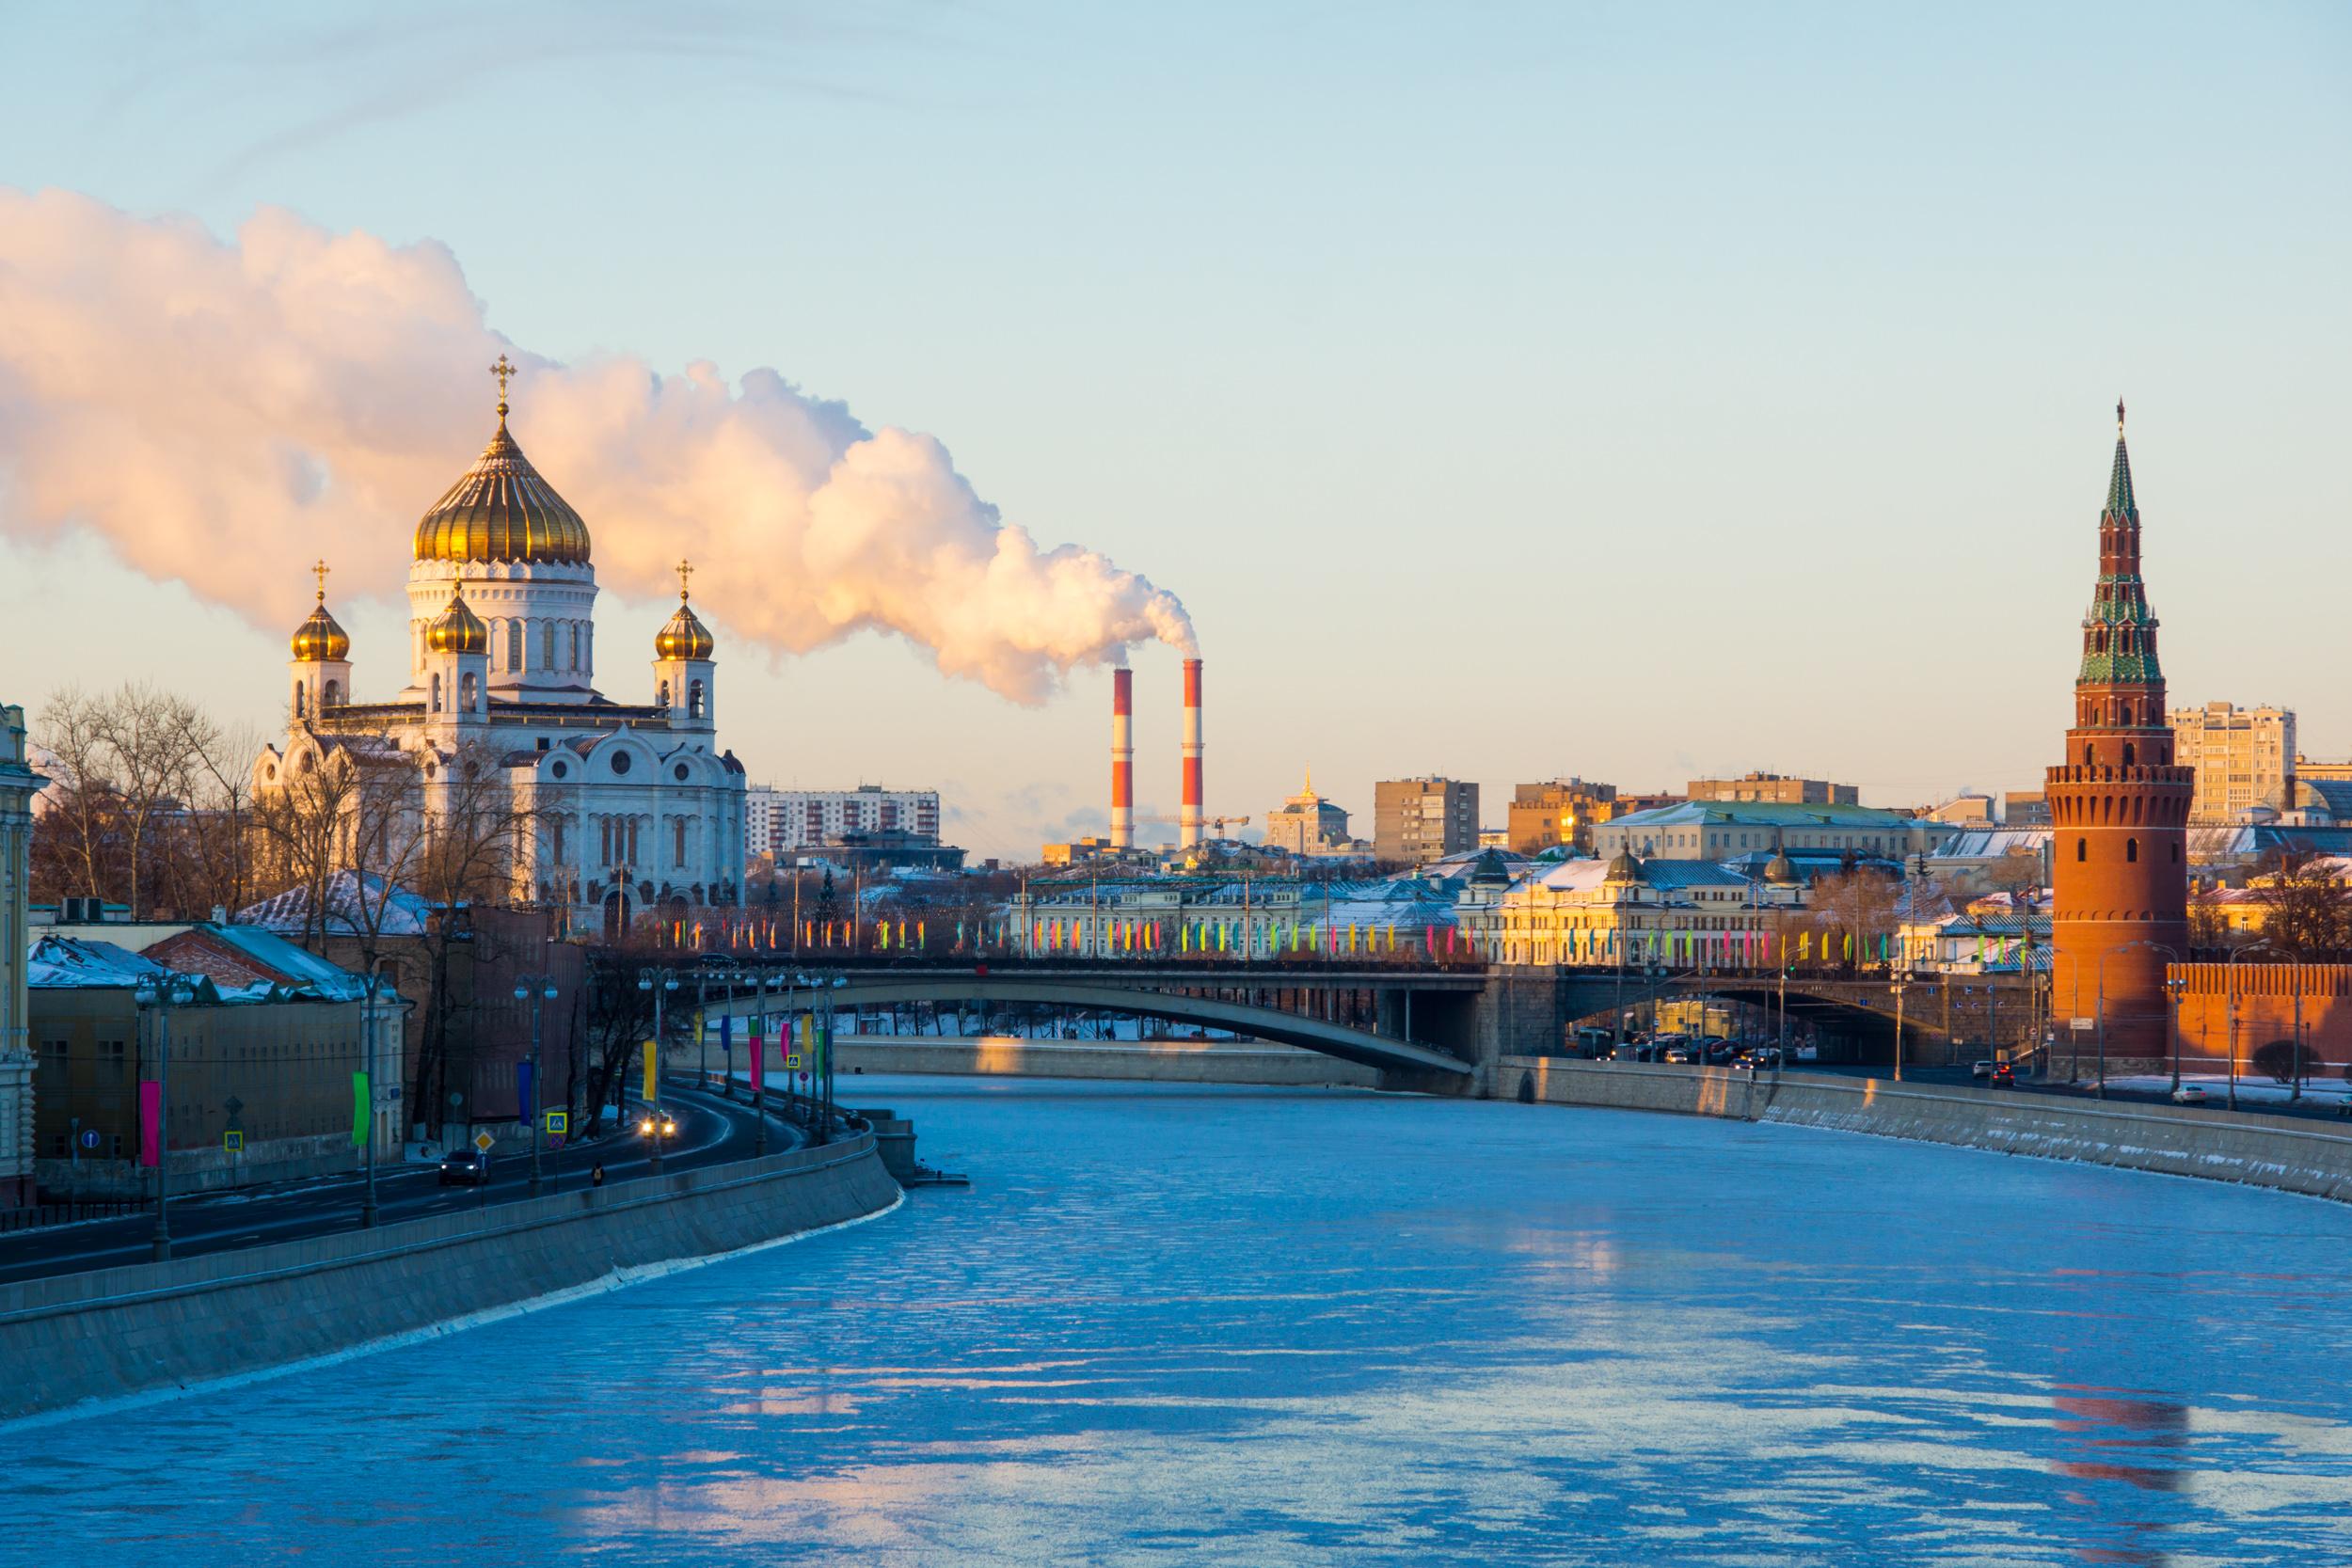 Москва река и Храм Христа Спасителя